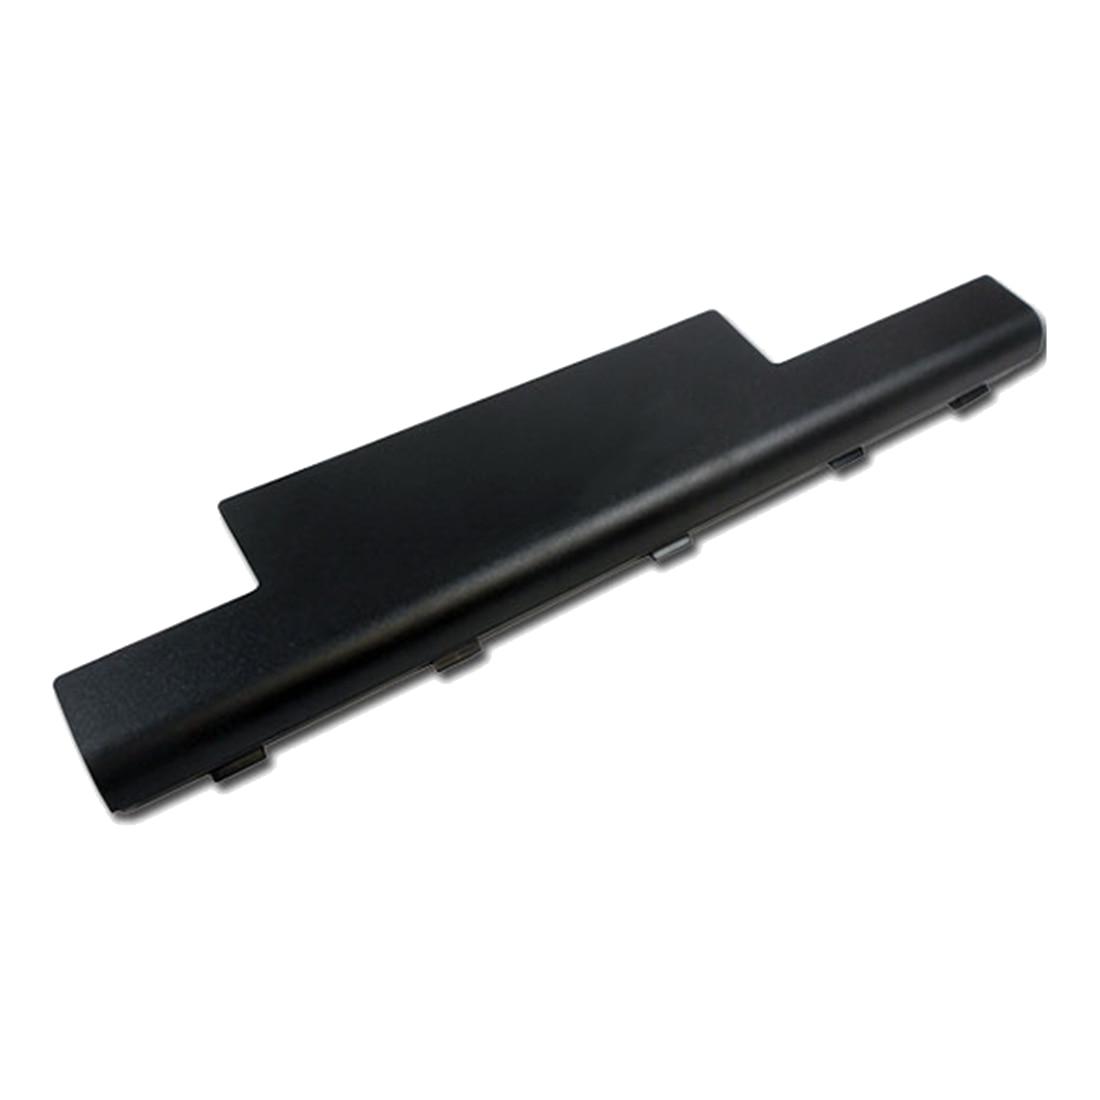 6 CELL font b Battery b font for Gateway NV55S NV55S05U NV55S07U NV55S09U NV55S13U NV55S20U